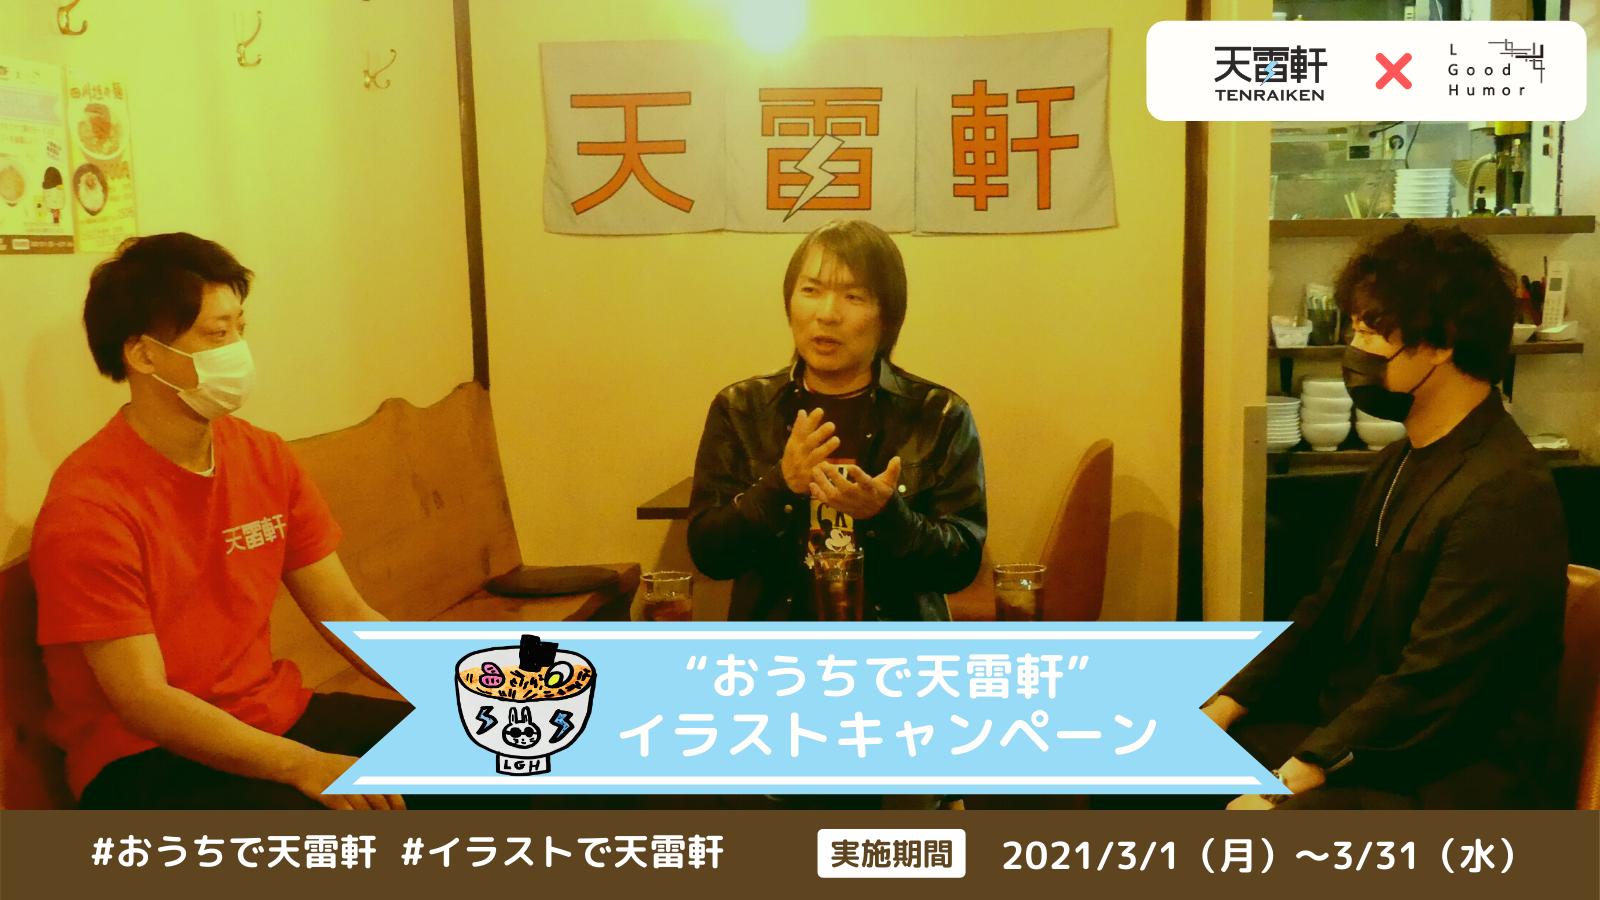 twitter_top_tenraiken_0312